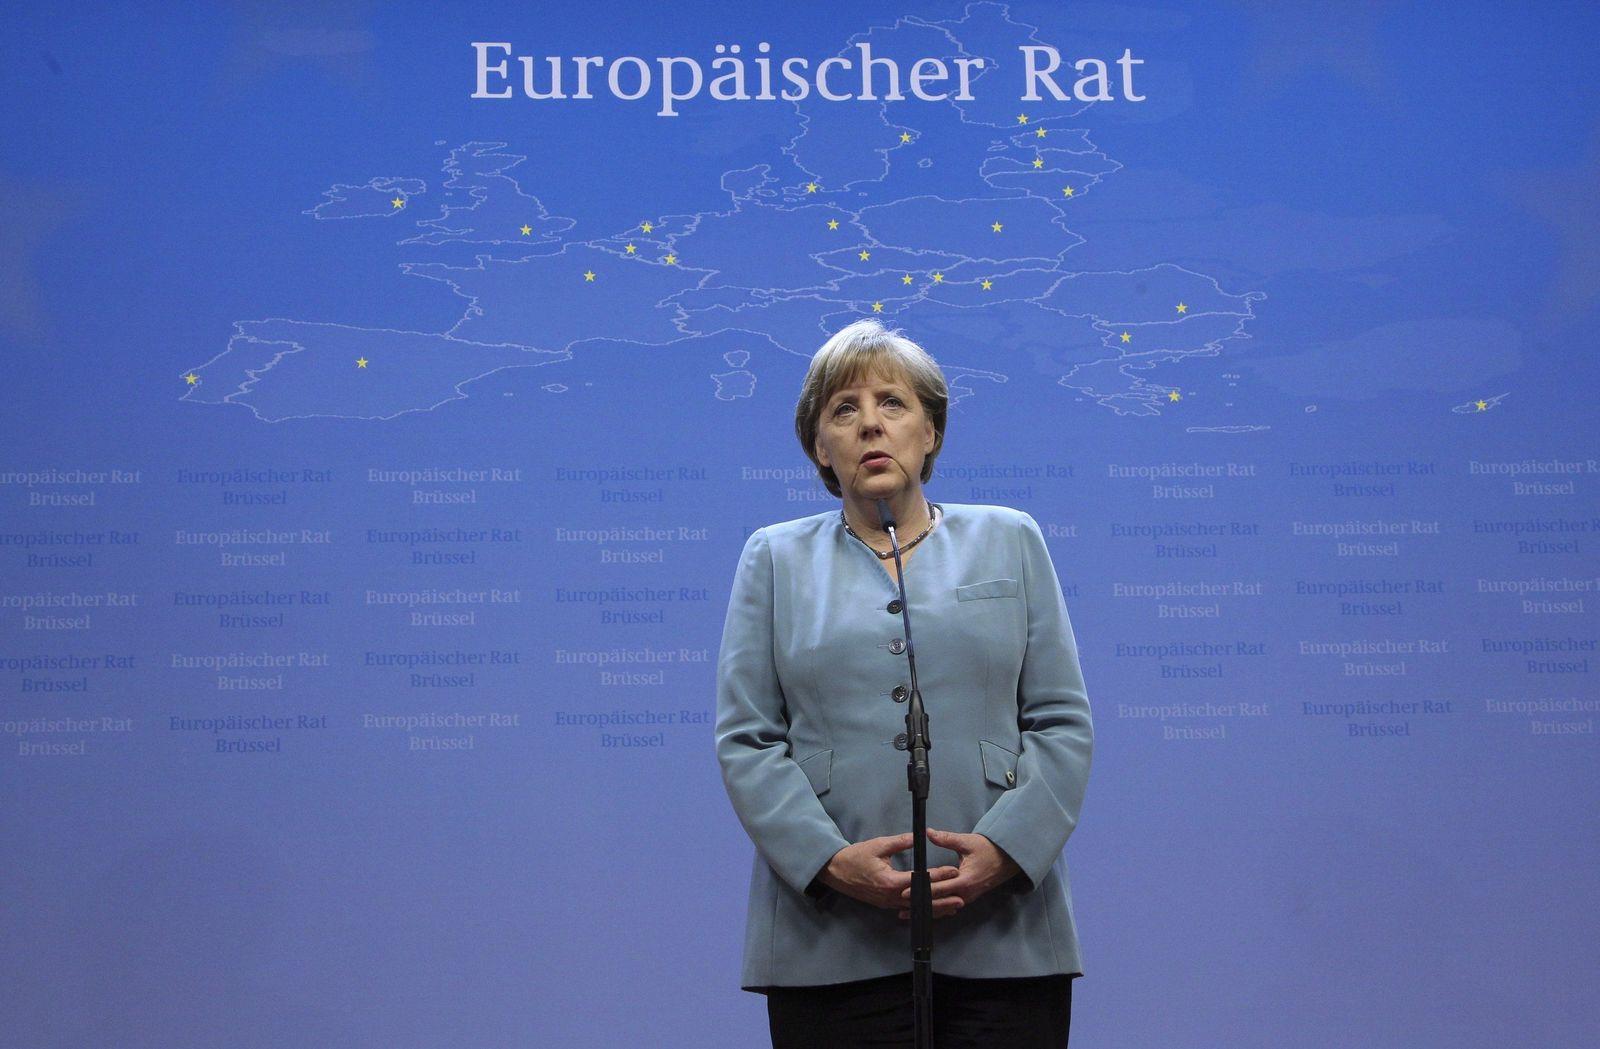 Merkel / Europäischer Rat